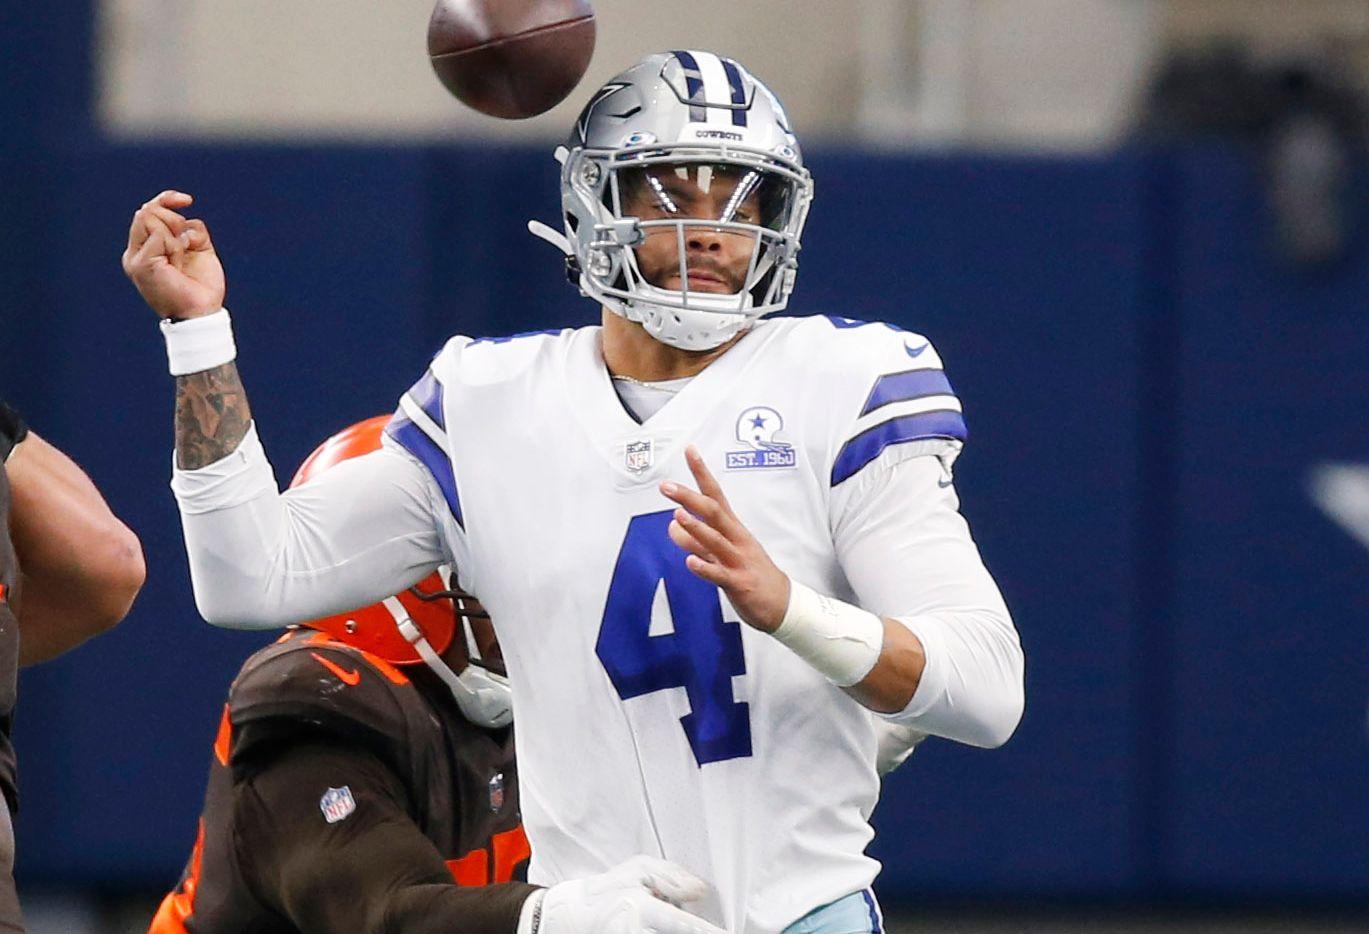 El mariscal de los Dallas Cowboys, Dak Prescott (4), es presionado por el ala defensivo de los Cleveland Browns, Myles Garrett, en el partido del 4 de octubre de 2020 en el AT&T Stadium de Arlington.